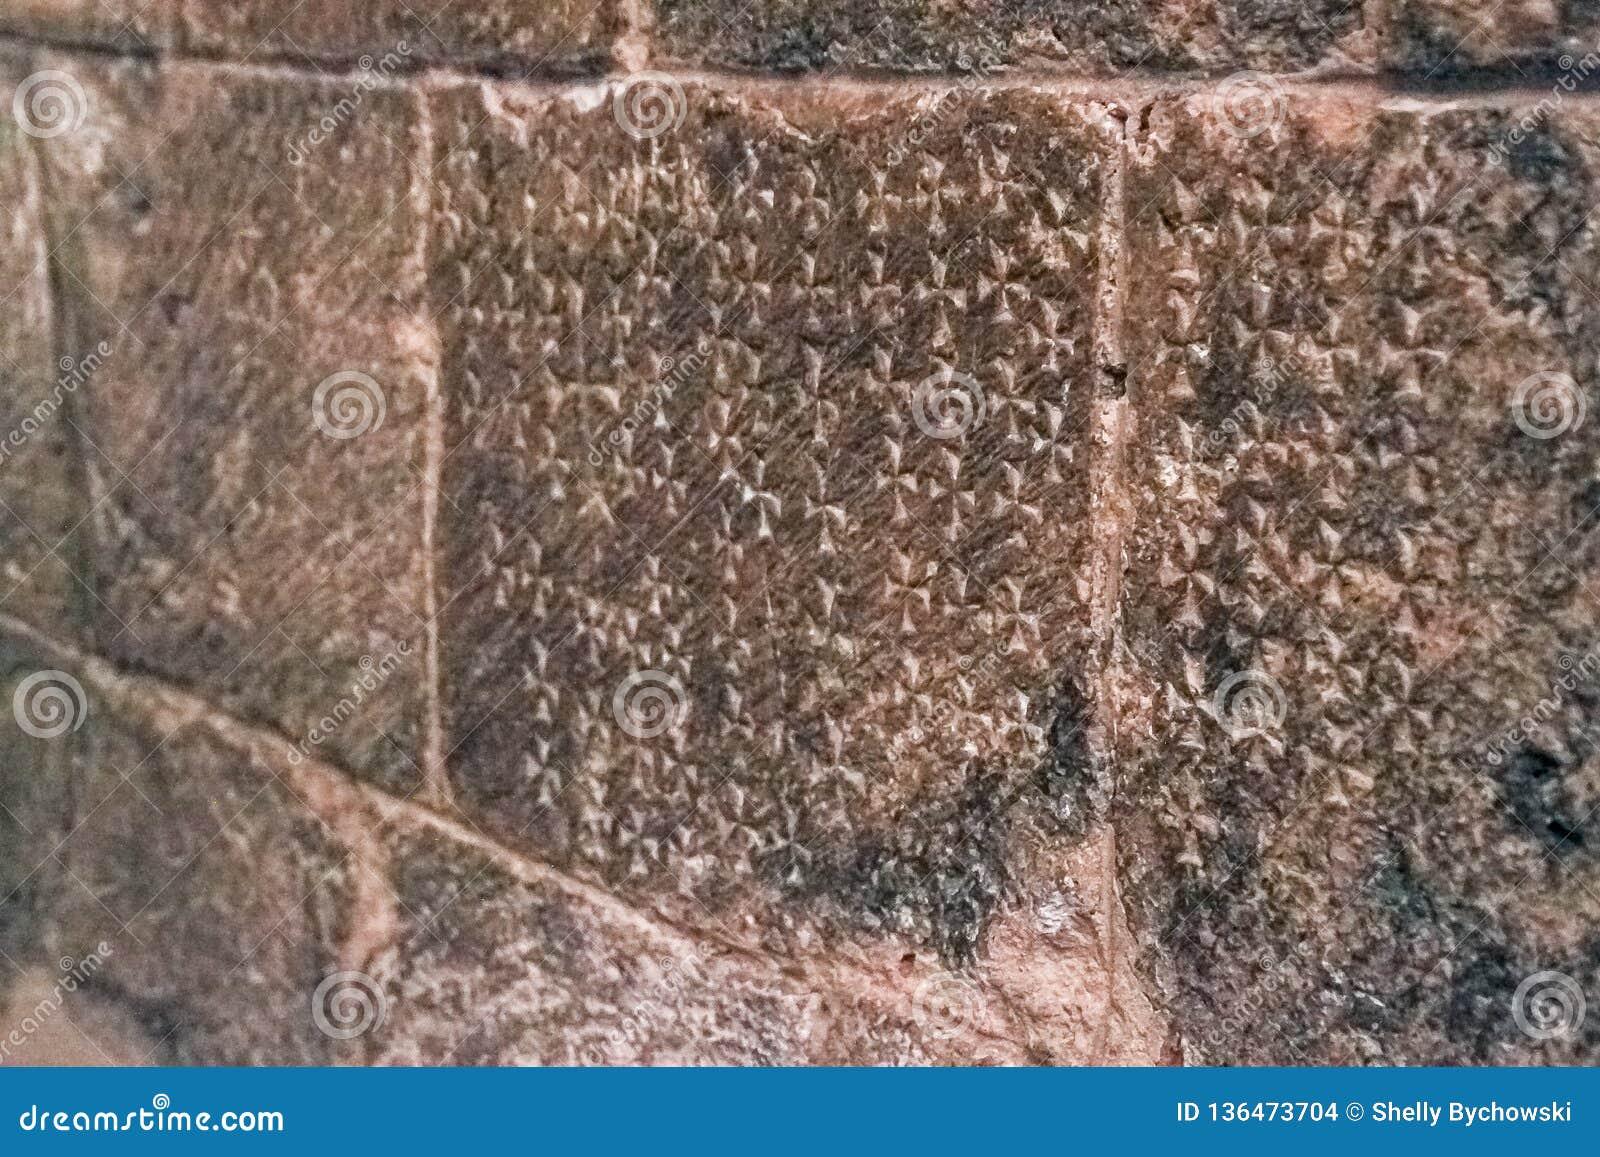 十字架被铭刻入圣洁坟墓的教会的石墙,表示耶稣的在十字架上钉死站点